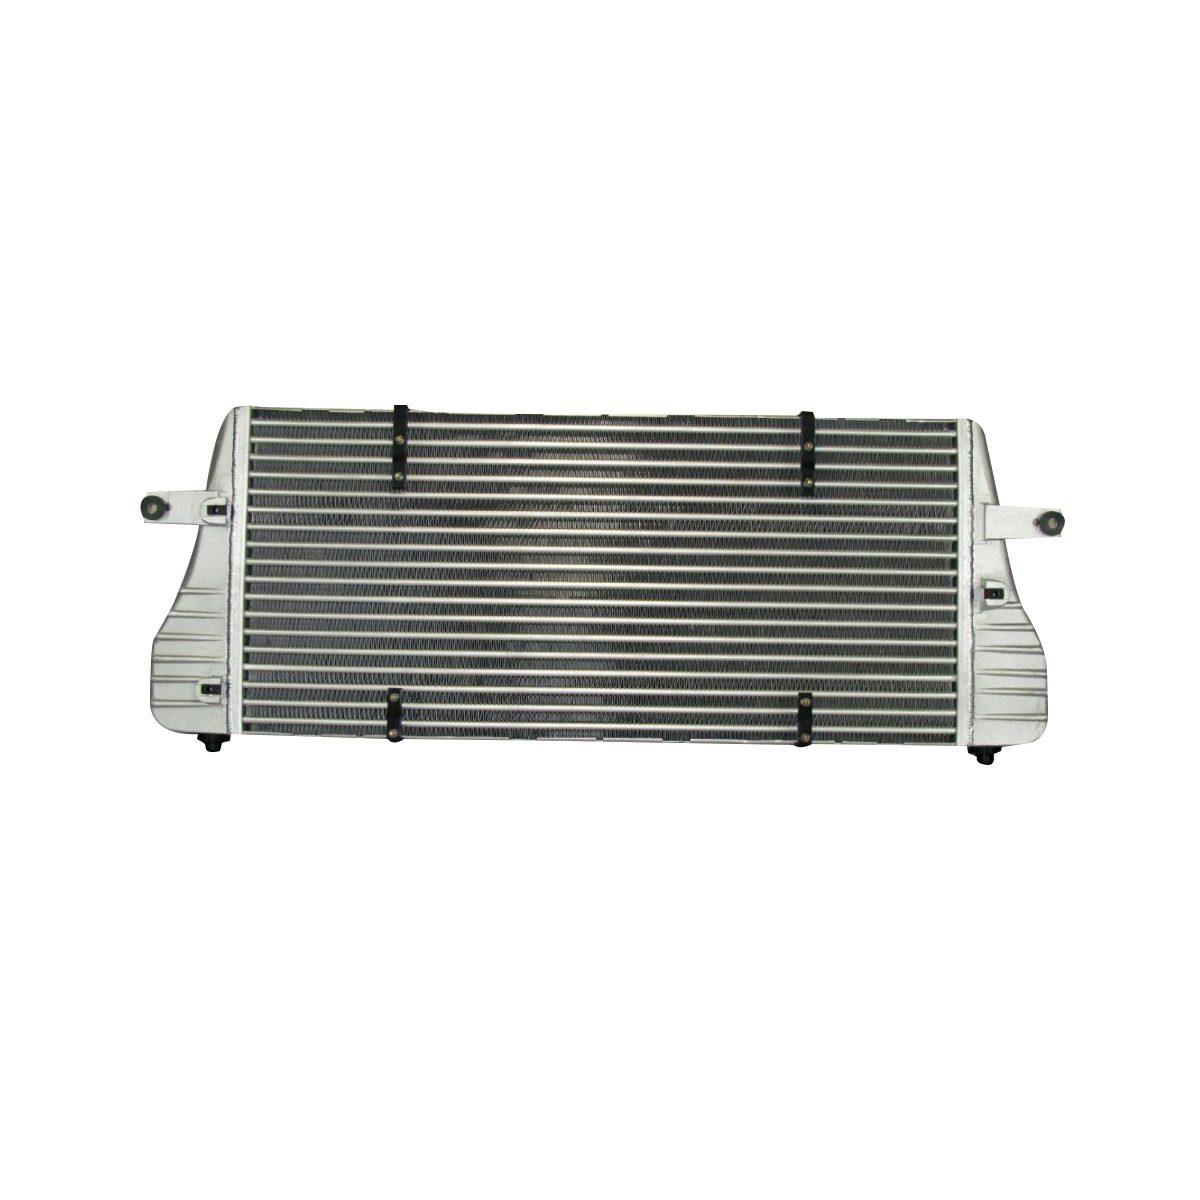 mercedes benz dodge sprinter 2500 3500 2.7l 03 04 charge air cooler oem 9015010701 2